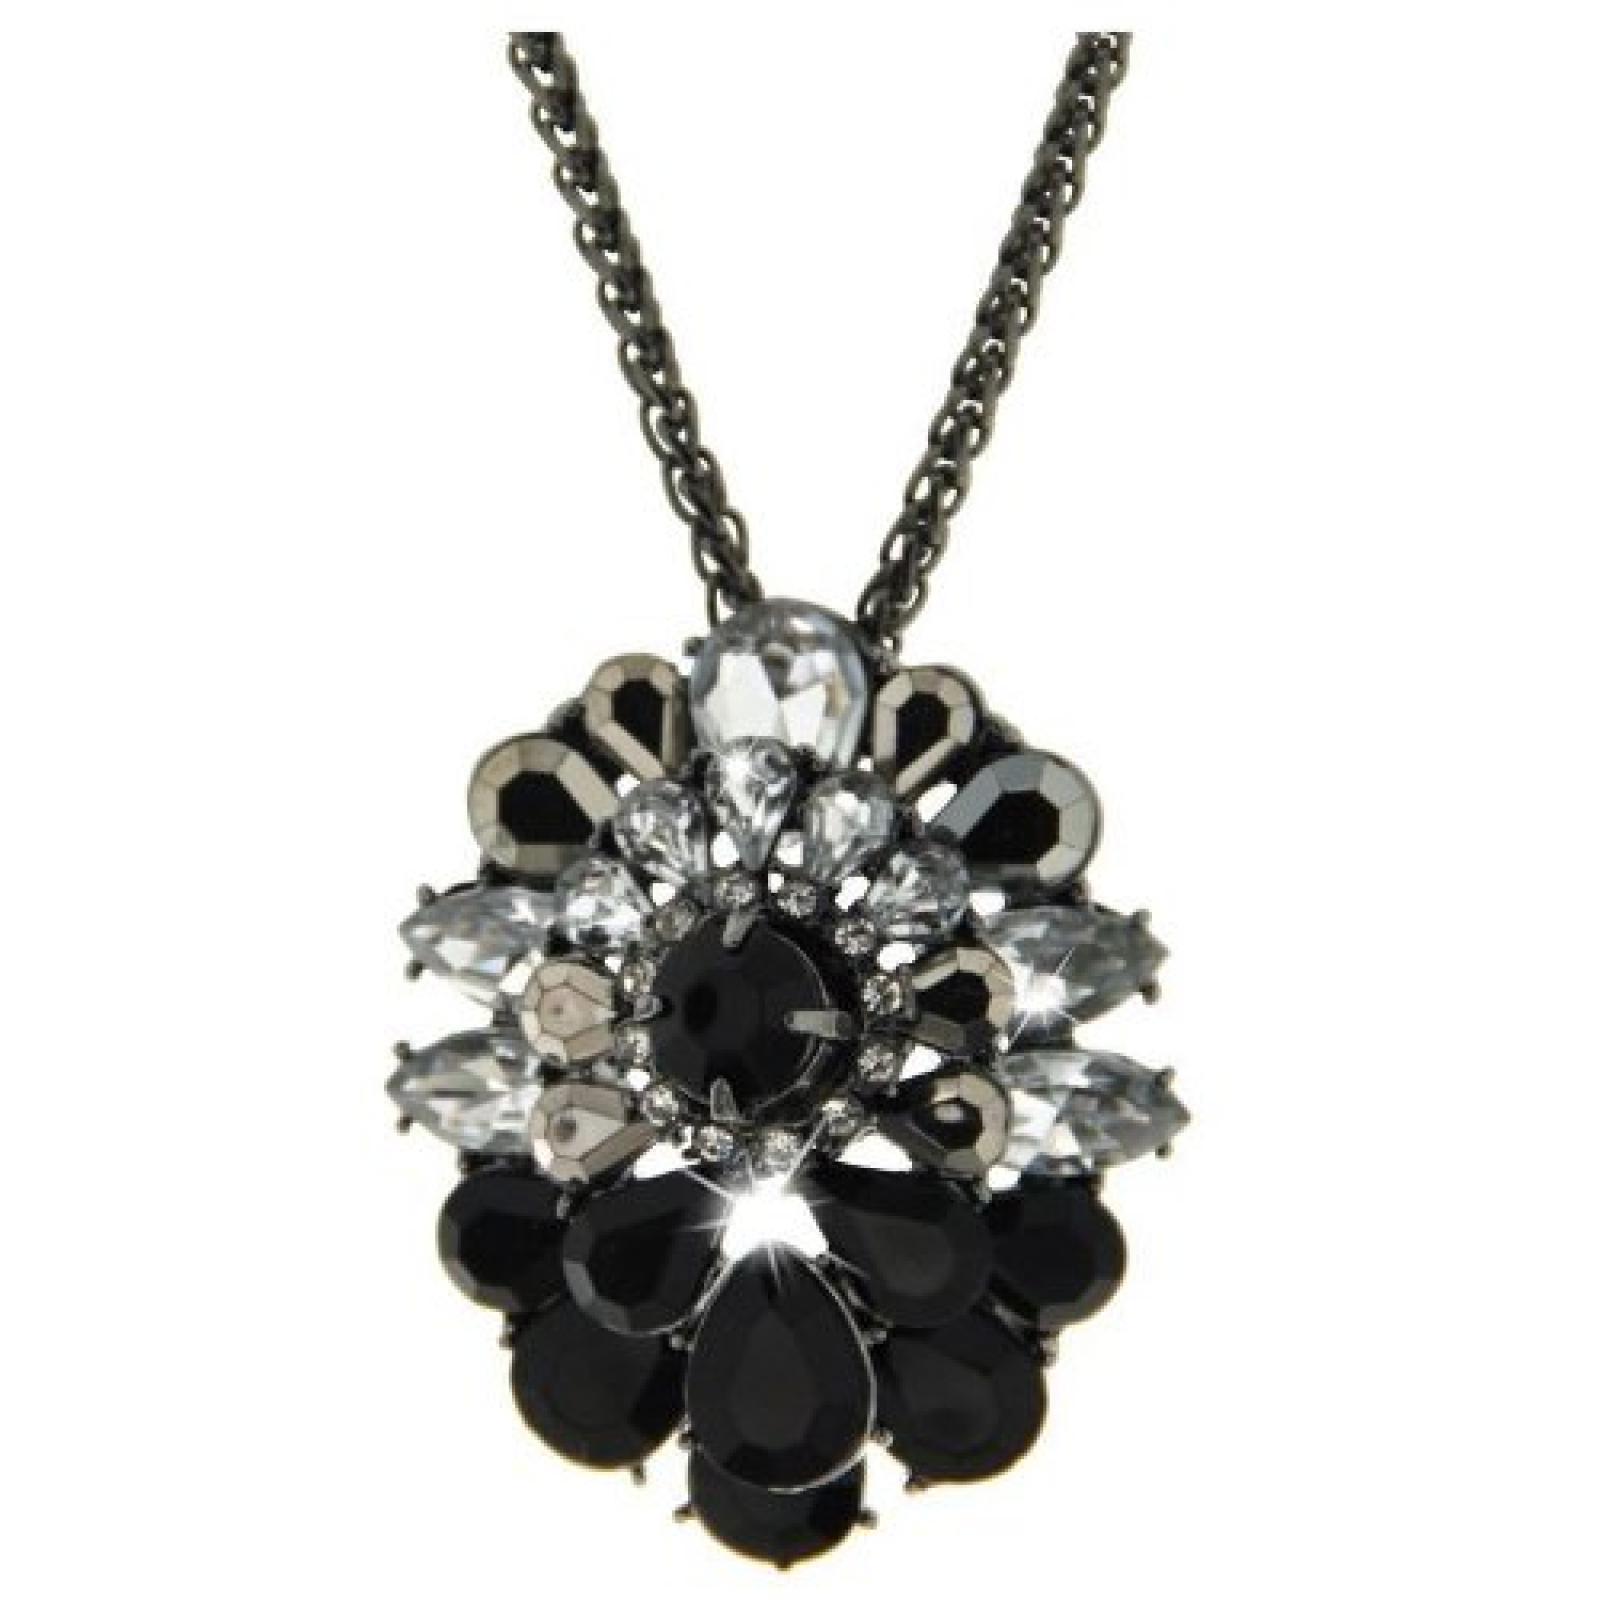 Sweet Deluxe Damen Halskette Metall rhodiniert Glas 45 cm silber/schwarz/crystal 3070